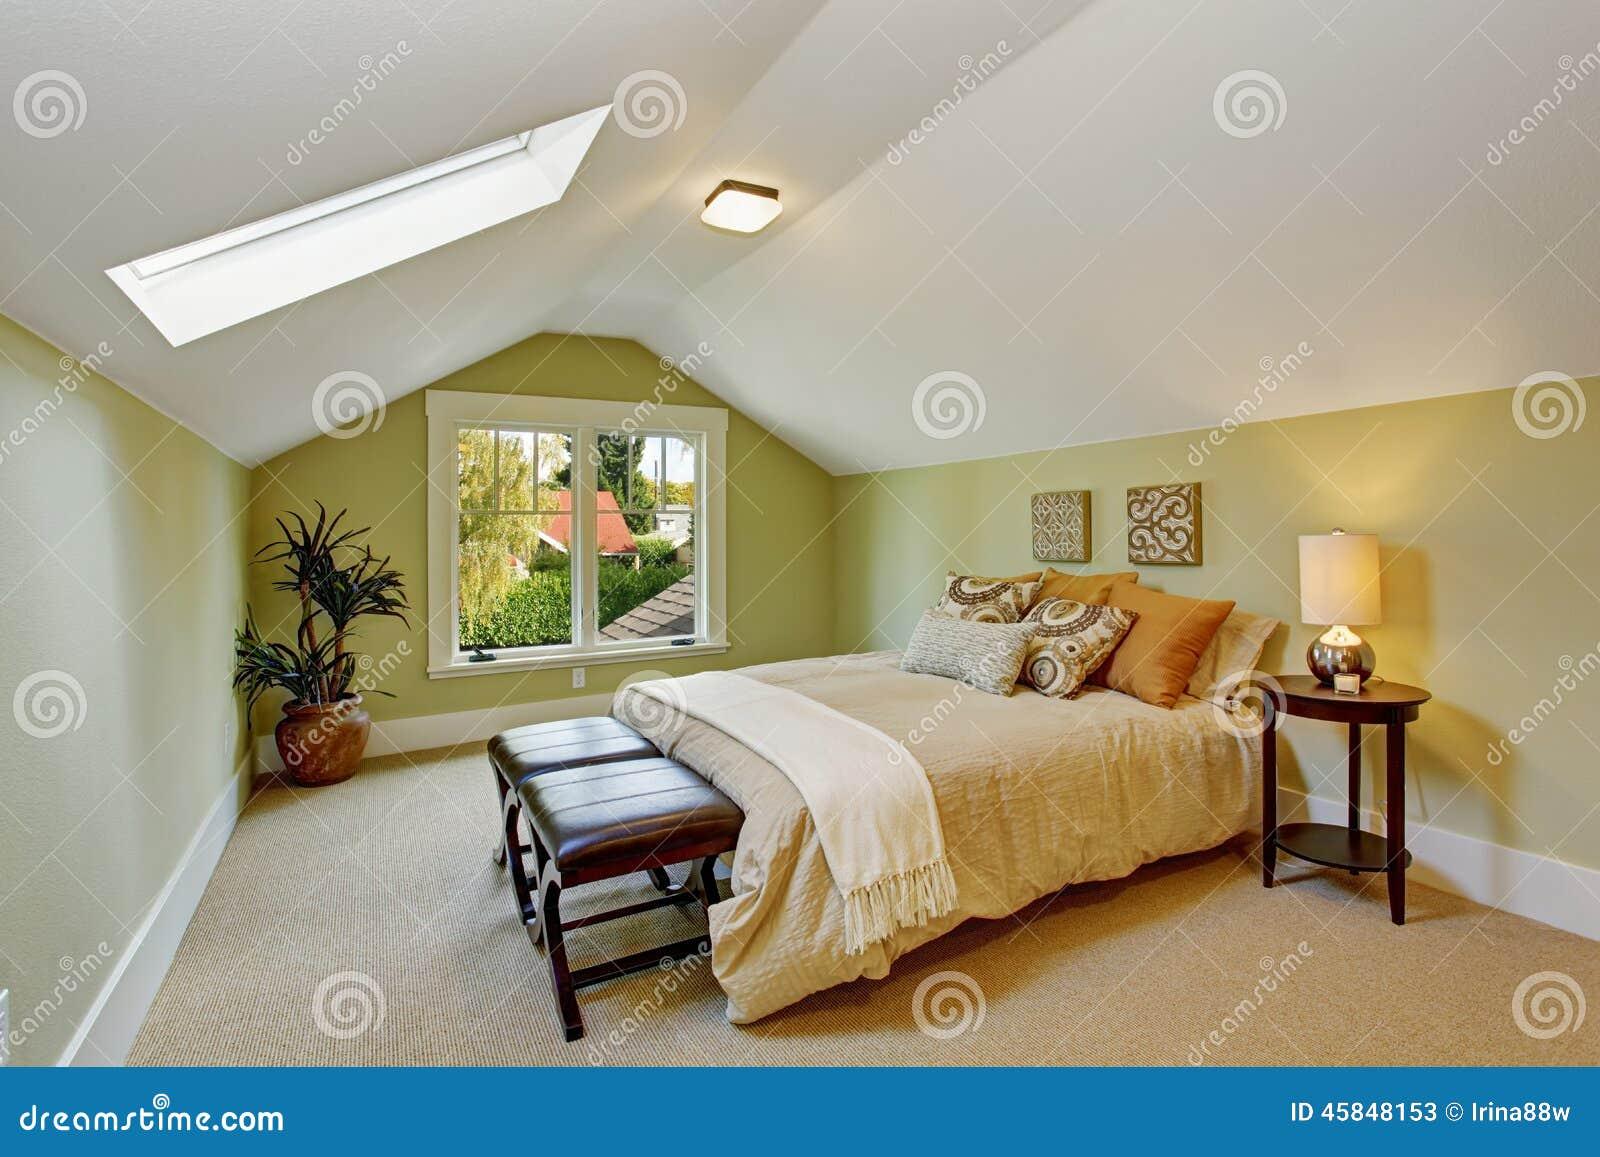 Int rieur de chambre coucher avec les murs en bon tat for T c bedrooms wirral